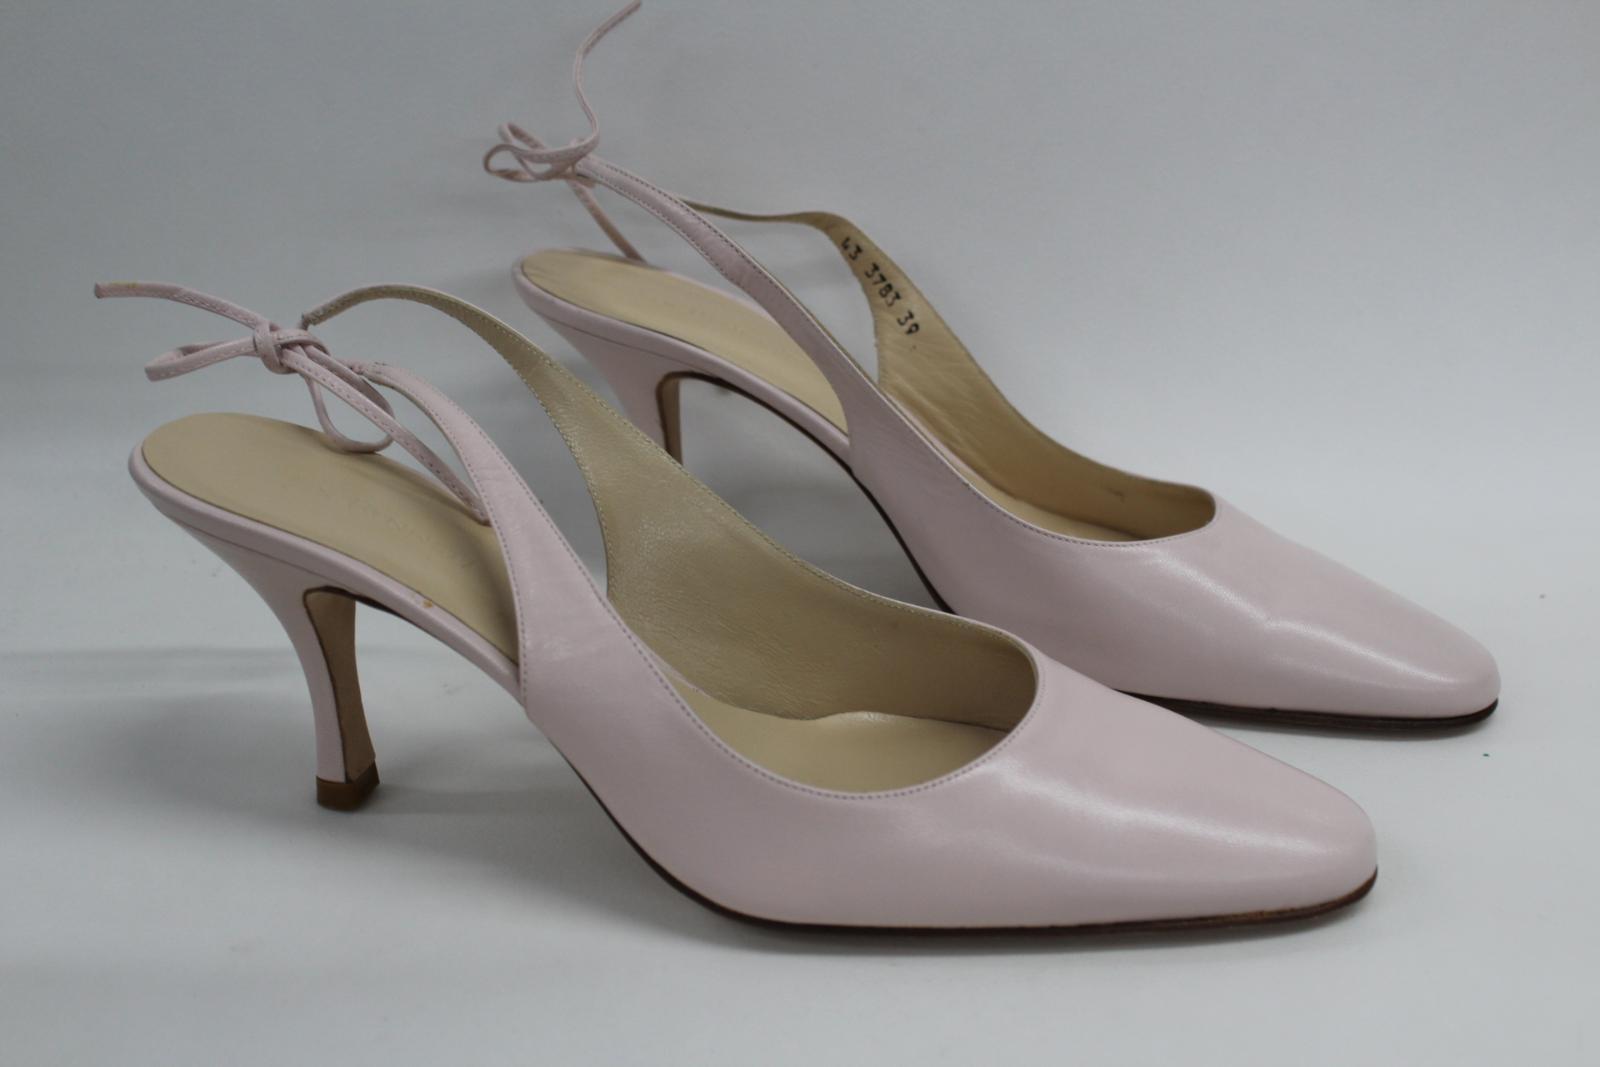 L-K-Bennett-London-en-cuir-avec-Lumiere-Rose-Slim-Chaussures-a-talon-UK6-EU39-nouveau miniature 2